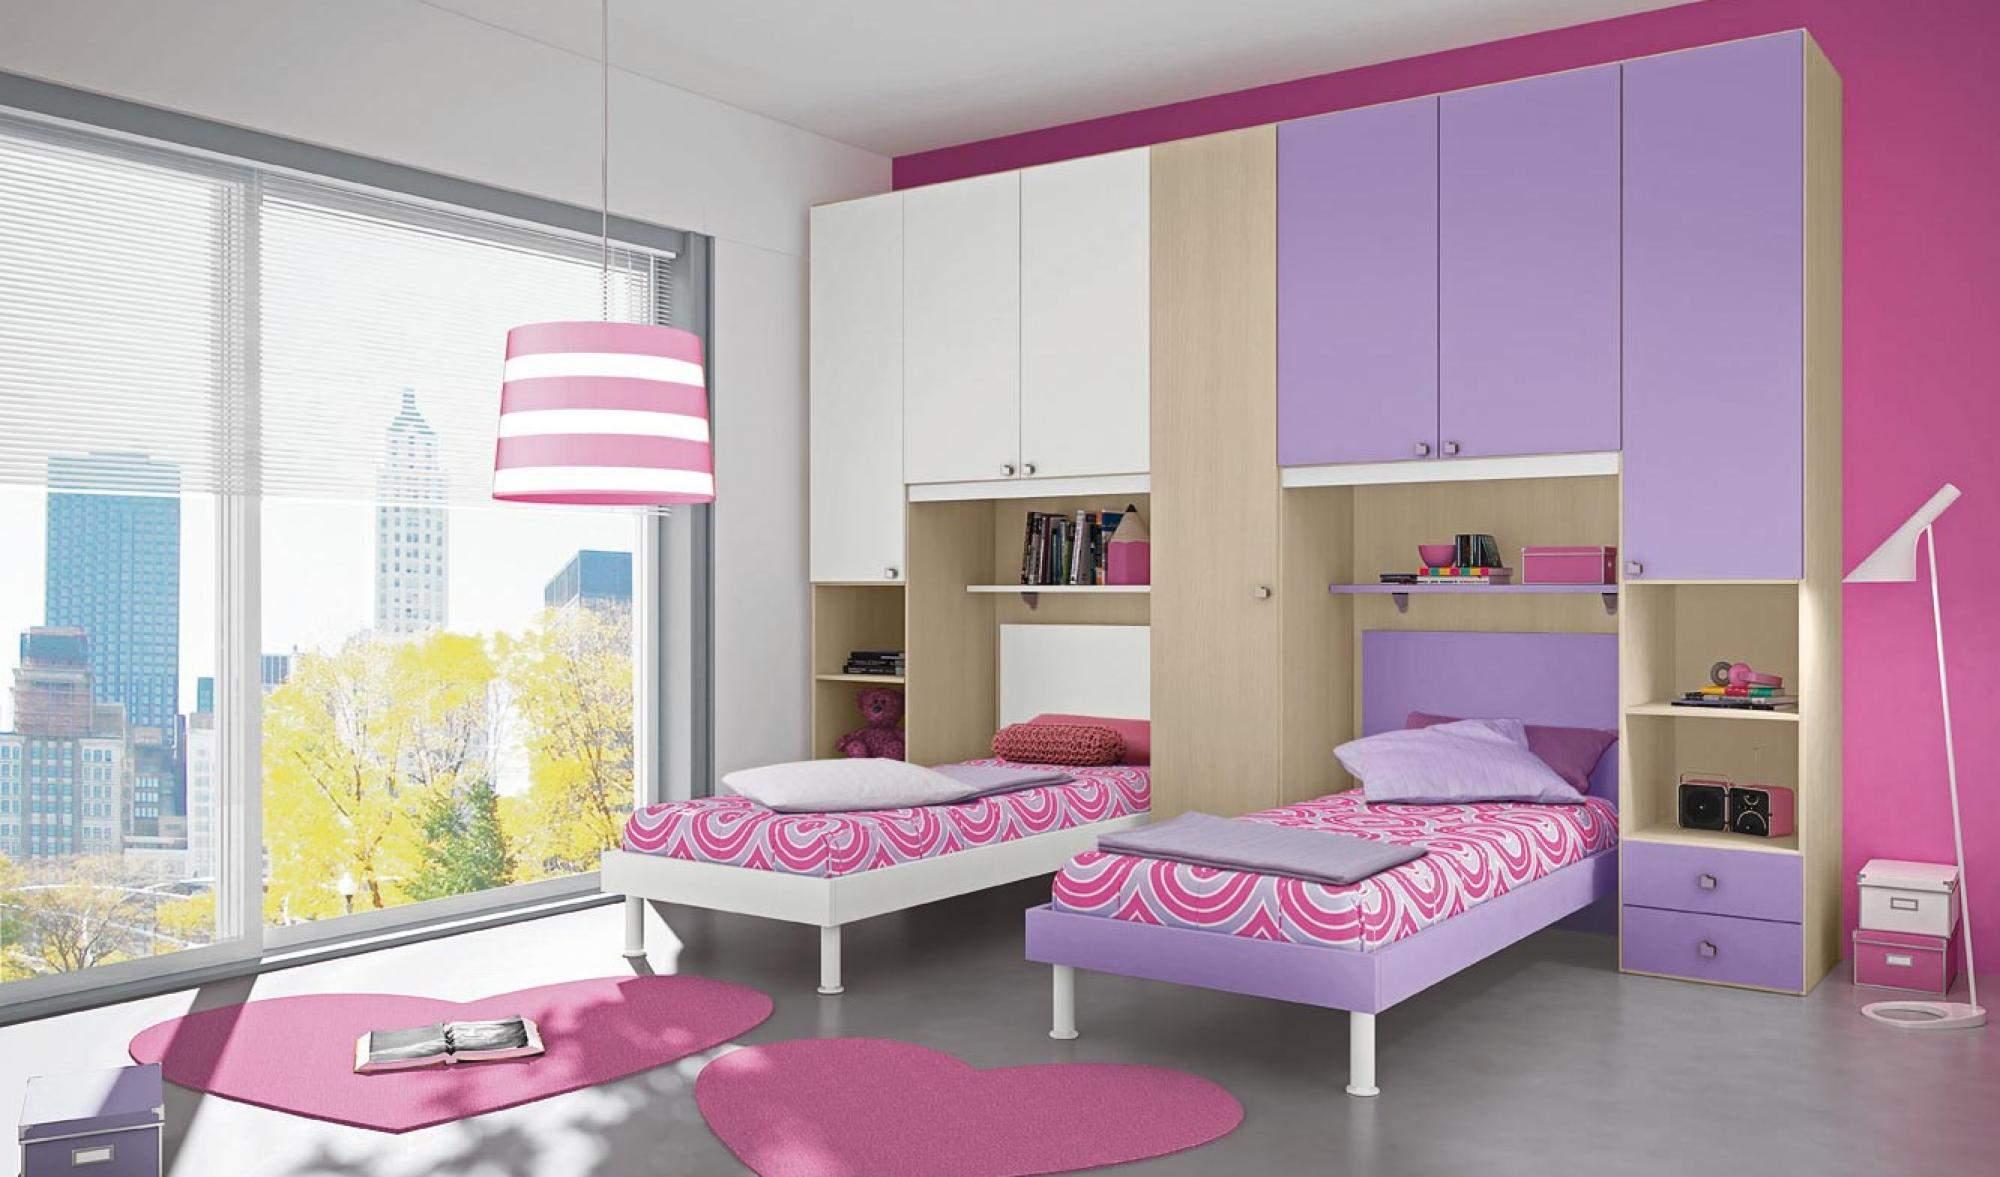 camerette bambini per stanze piccole design casa